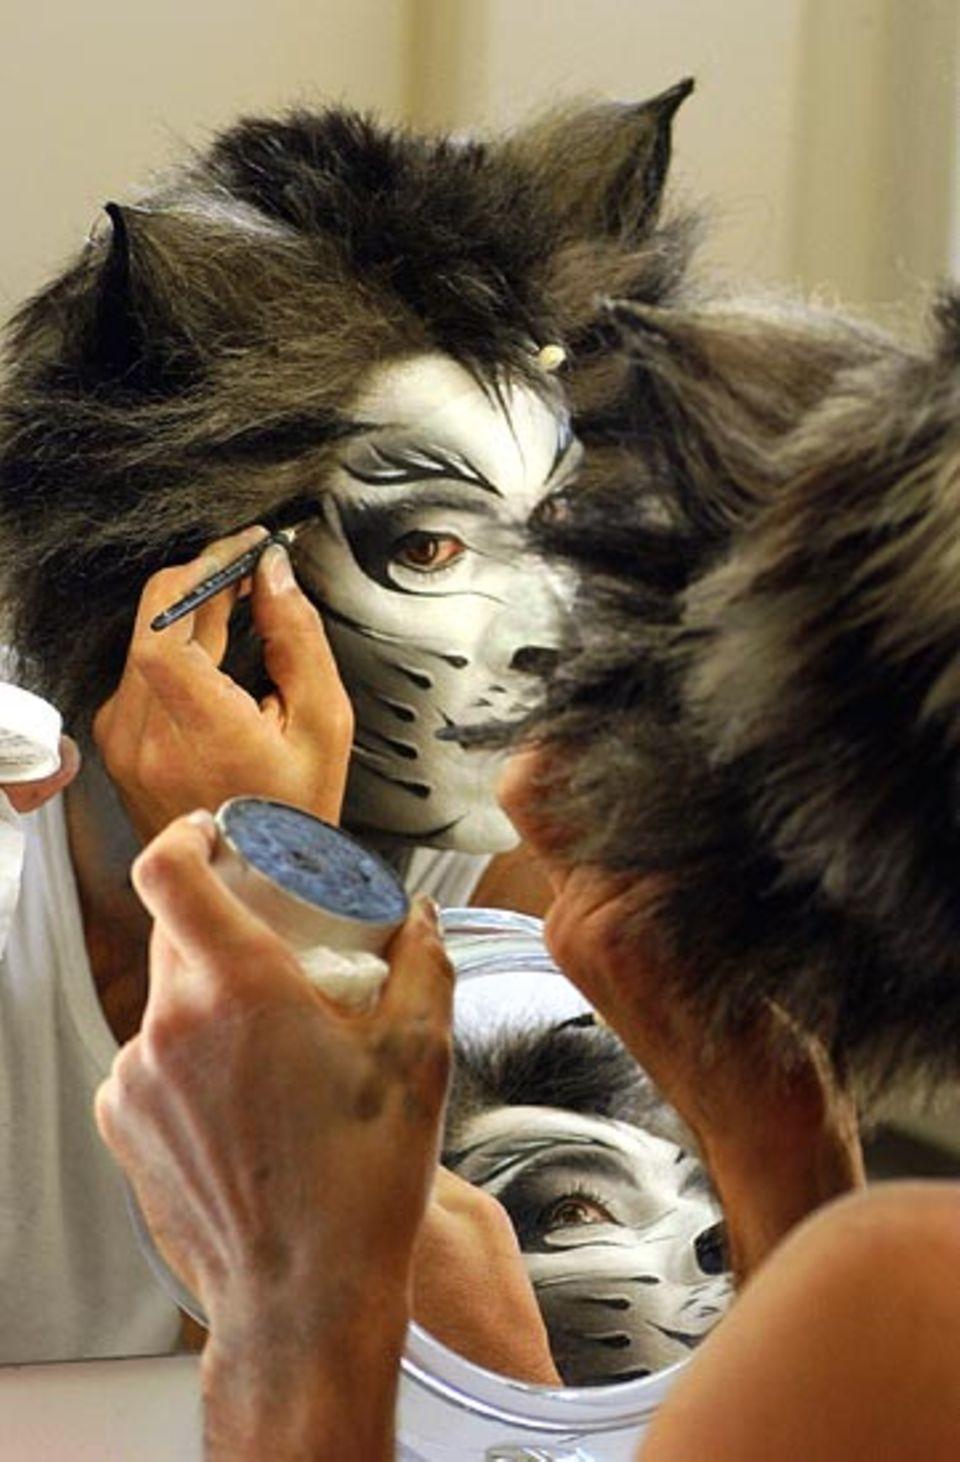 Beruf: Künstlerisch begabt: Die Darsteller des Musicals CATS müssen nicht nur gut singen und tanzen können. Sie sind auch ihre eigenen Maskenbildner und schminken sich selbst